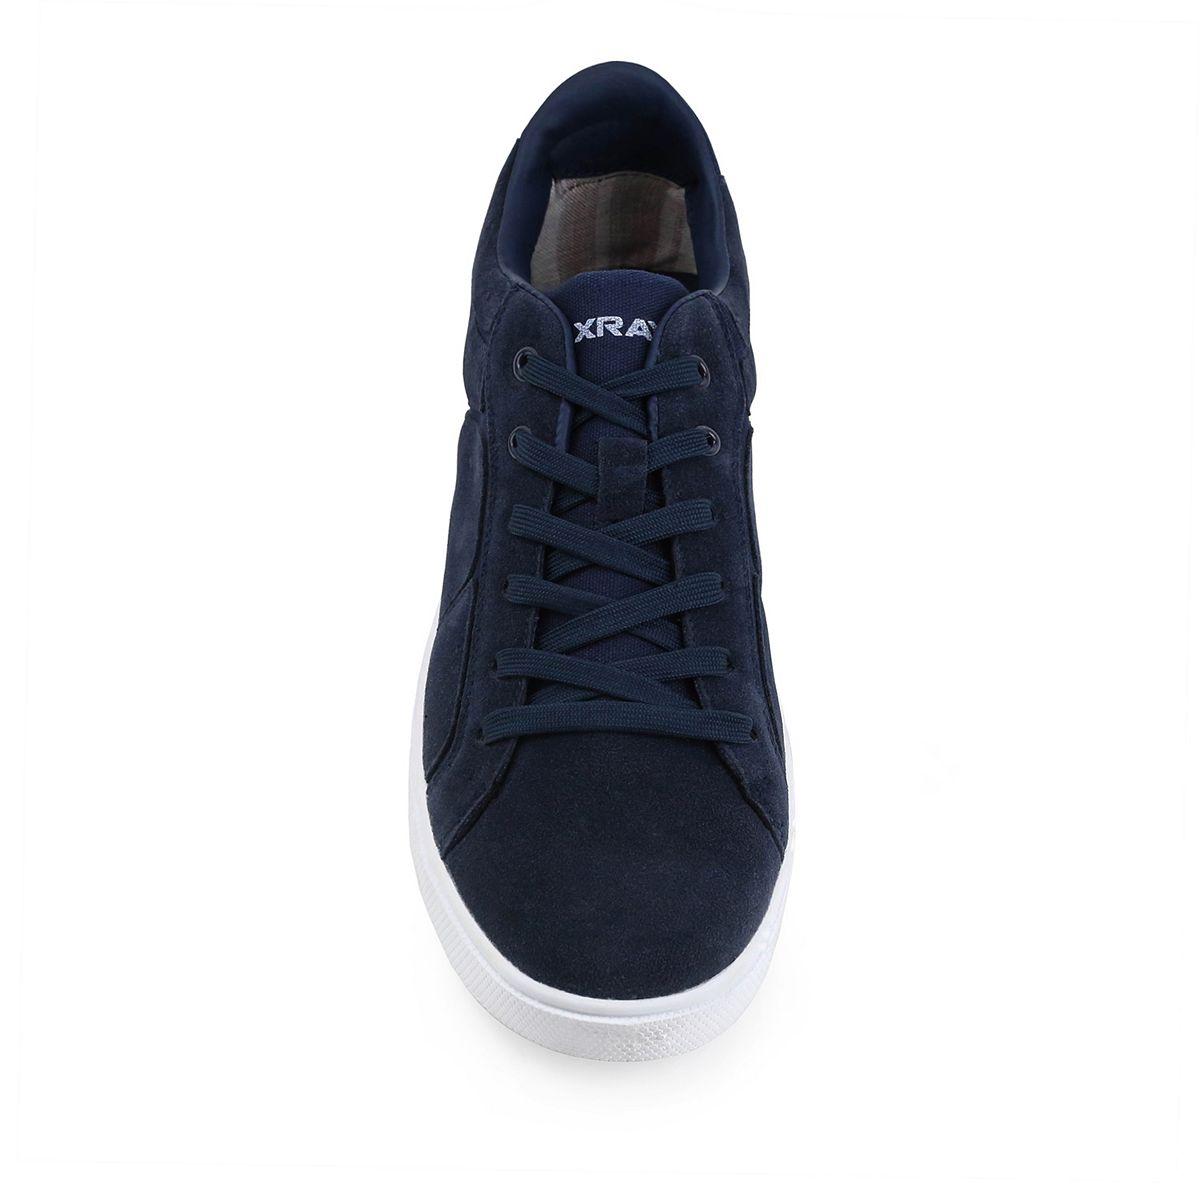 Xray Hubert Men's Sneakers Navy 2RdTu